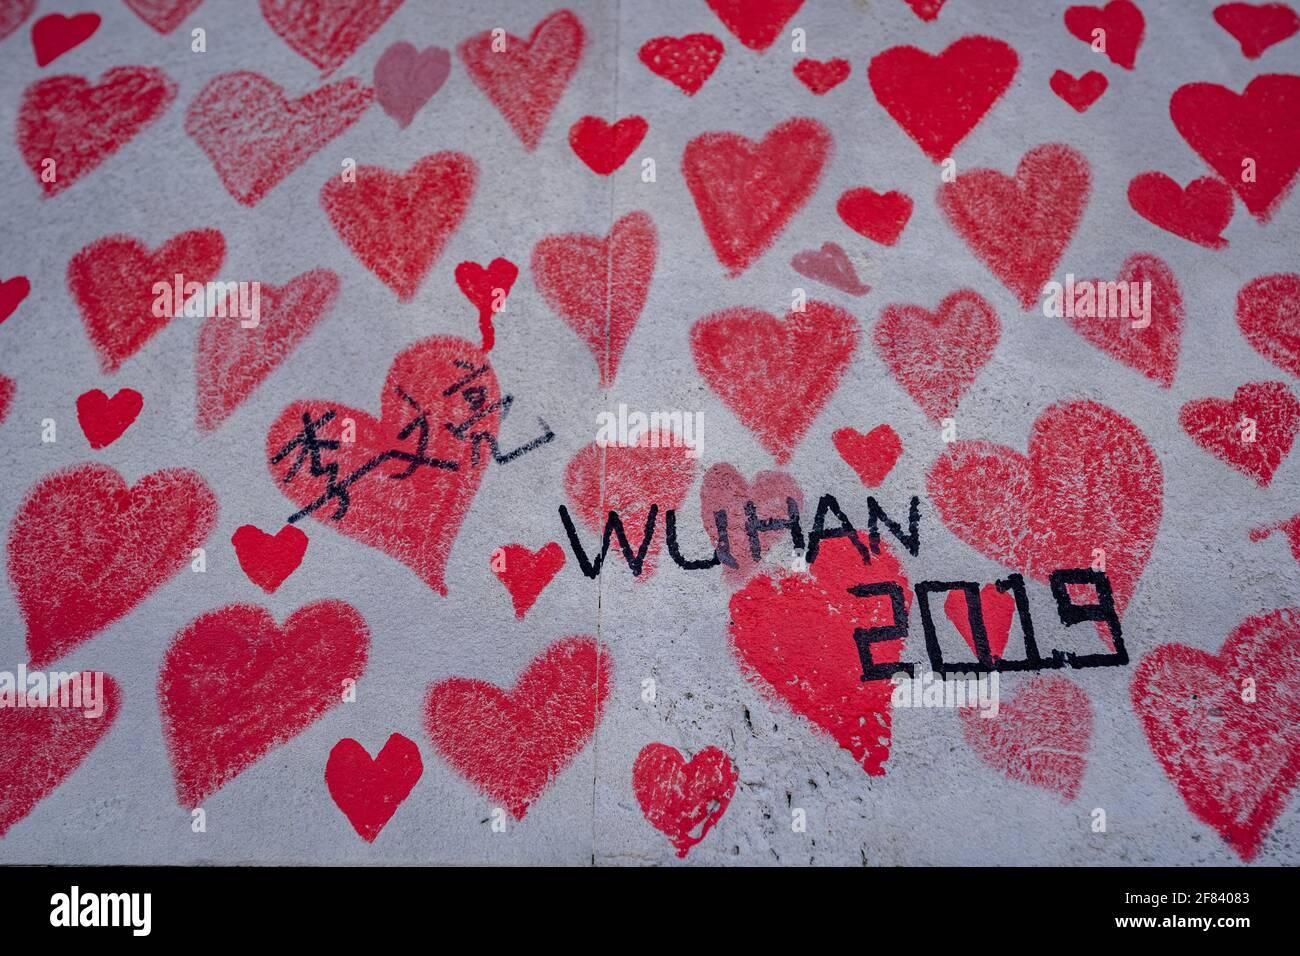 Hommage mural à Li Wenliang, le médecin et le dénonciateur Wuhan qui ont soulevé l'alarme au sujet de l'épidémie de coronavirus en Chine. Londres, Royaume-Uni. Banque D'Images